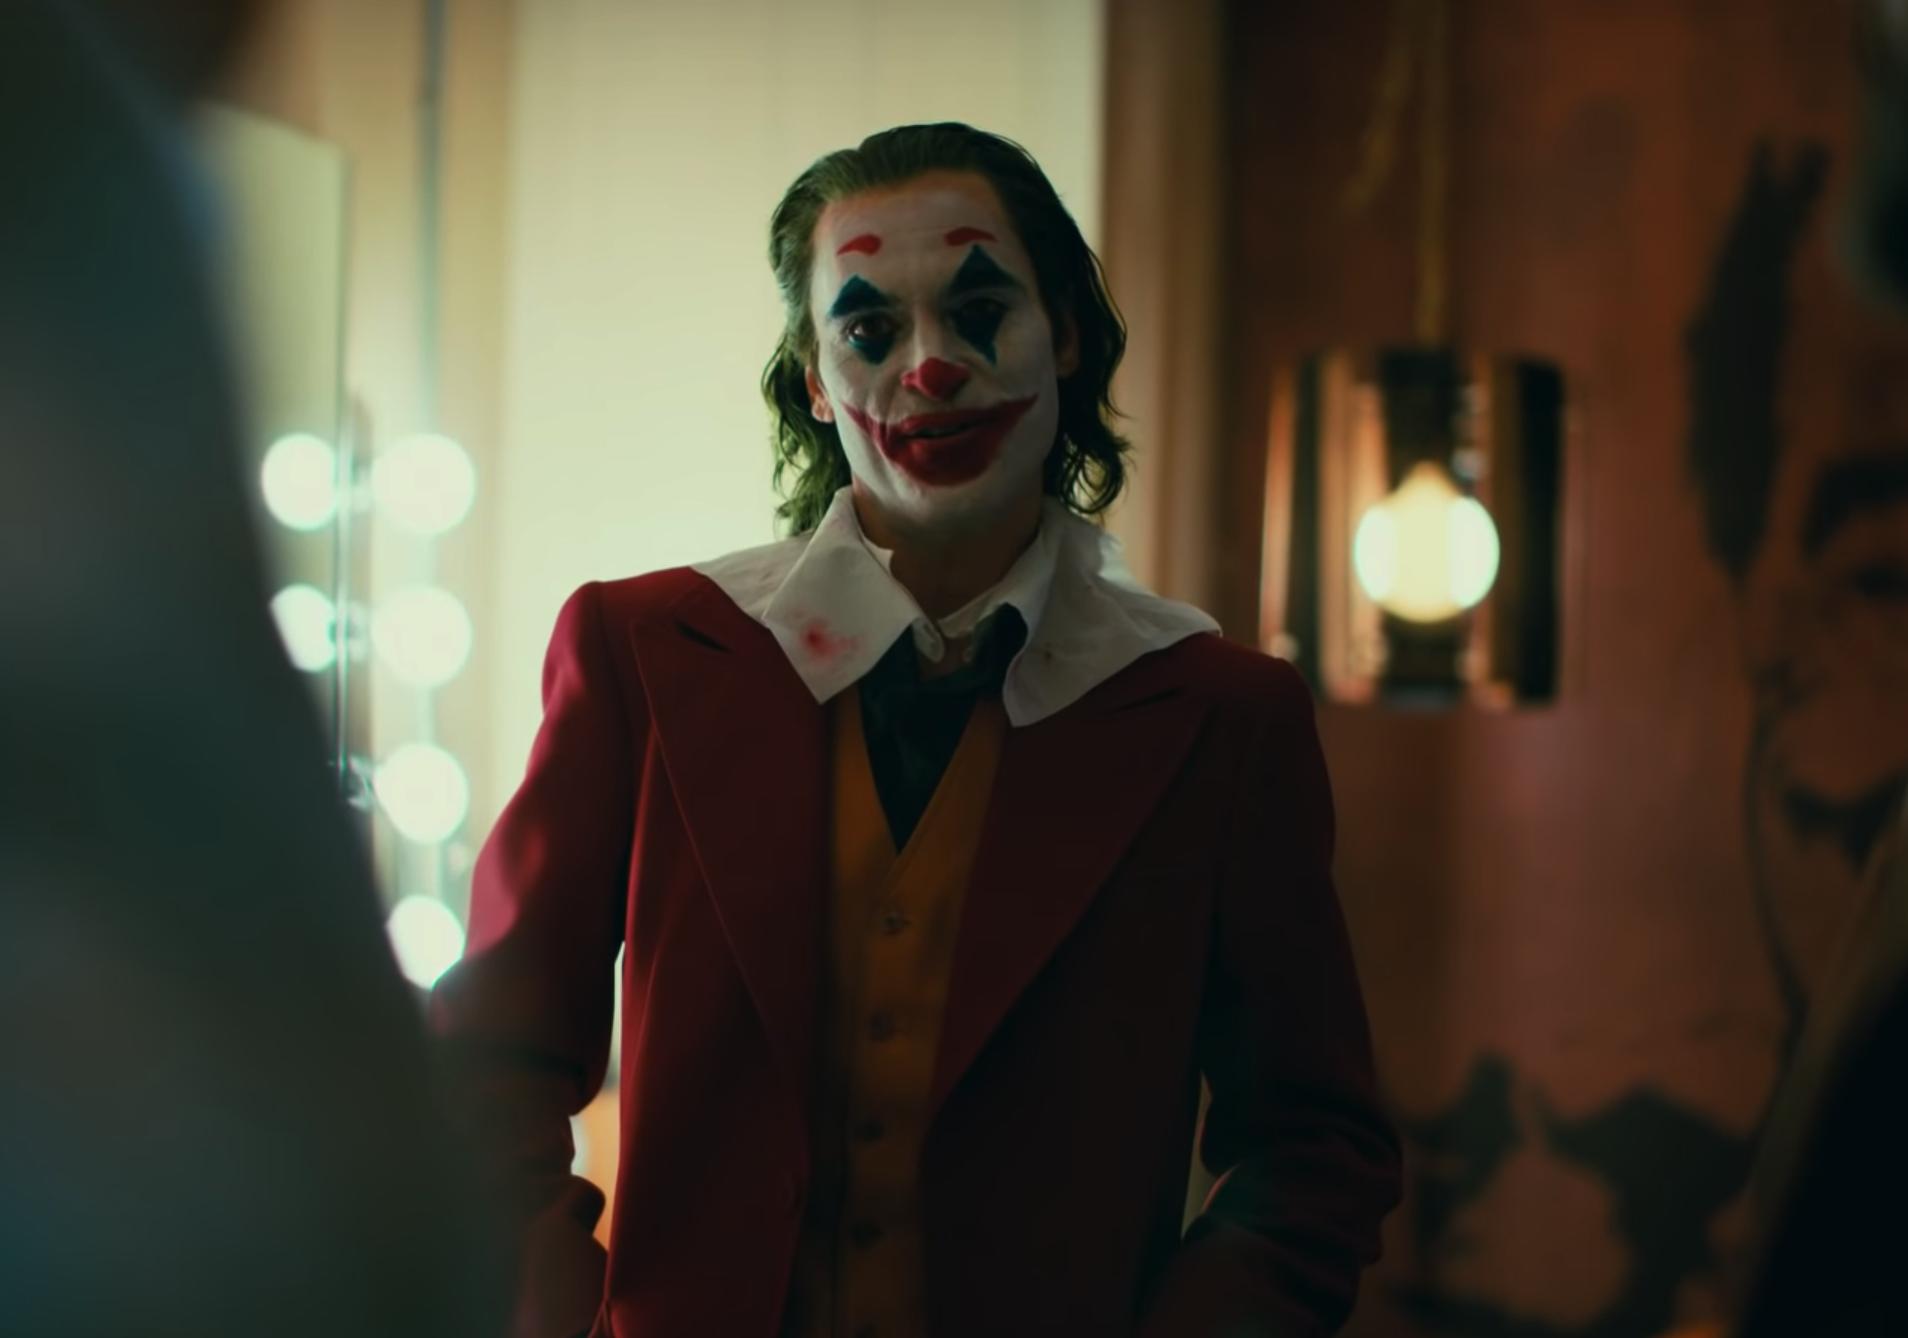 """Bộ phim """"Joker"""" phá kỷ lục phòng vé tháng 10 với màn ra mắt 93.5 triệu Mỹ kim"""